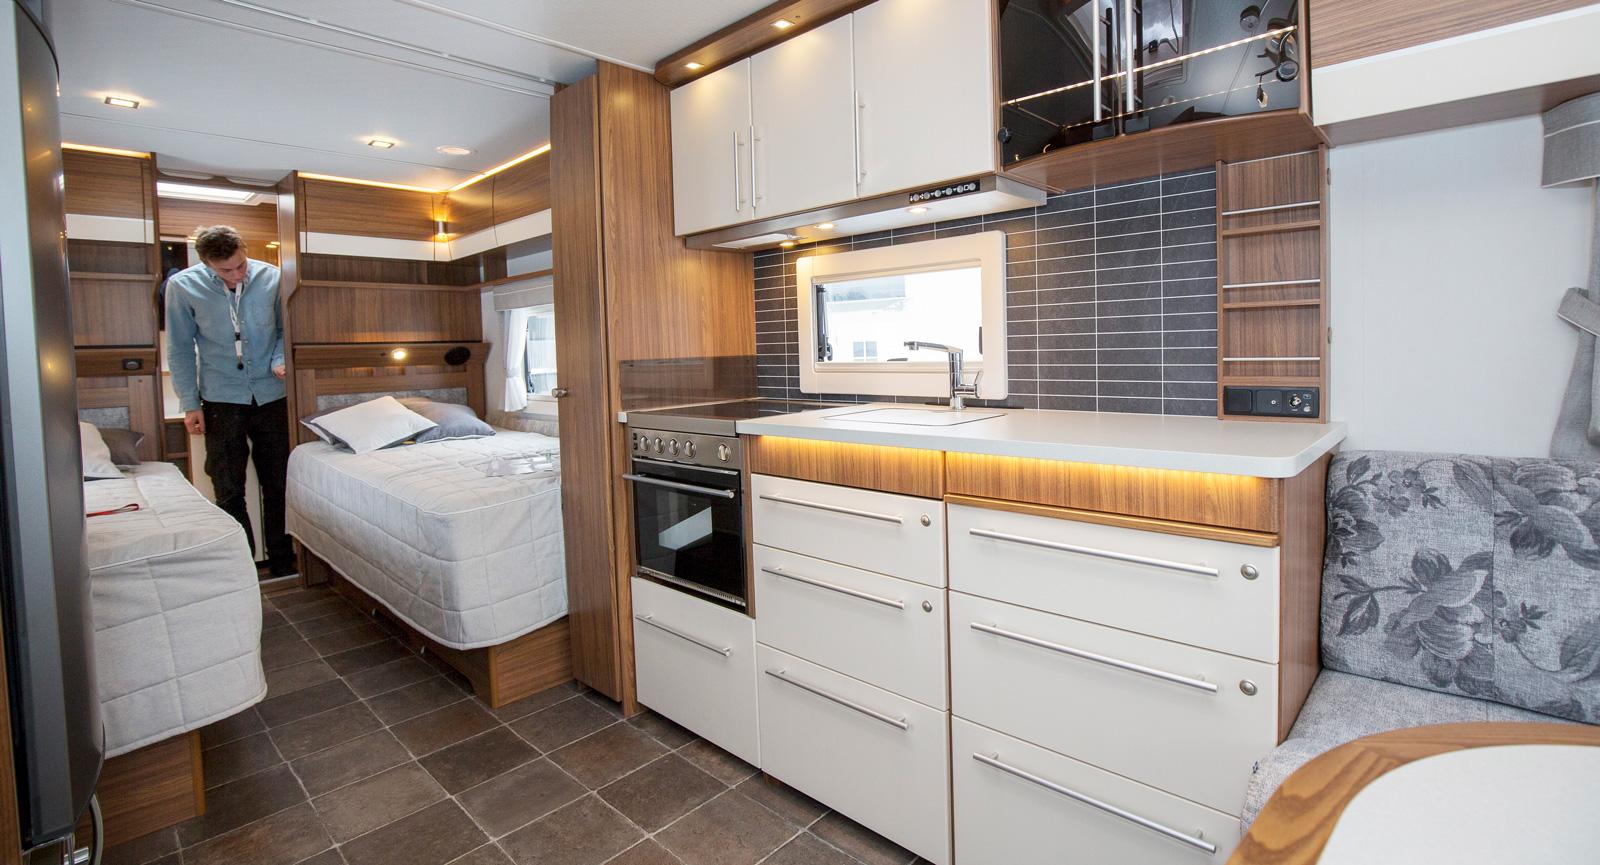 Köksbänken rymmer plats för tv och har antenn- samt uttag för 230 V.